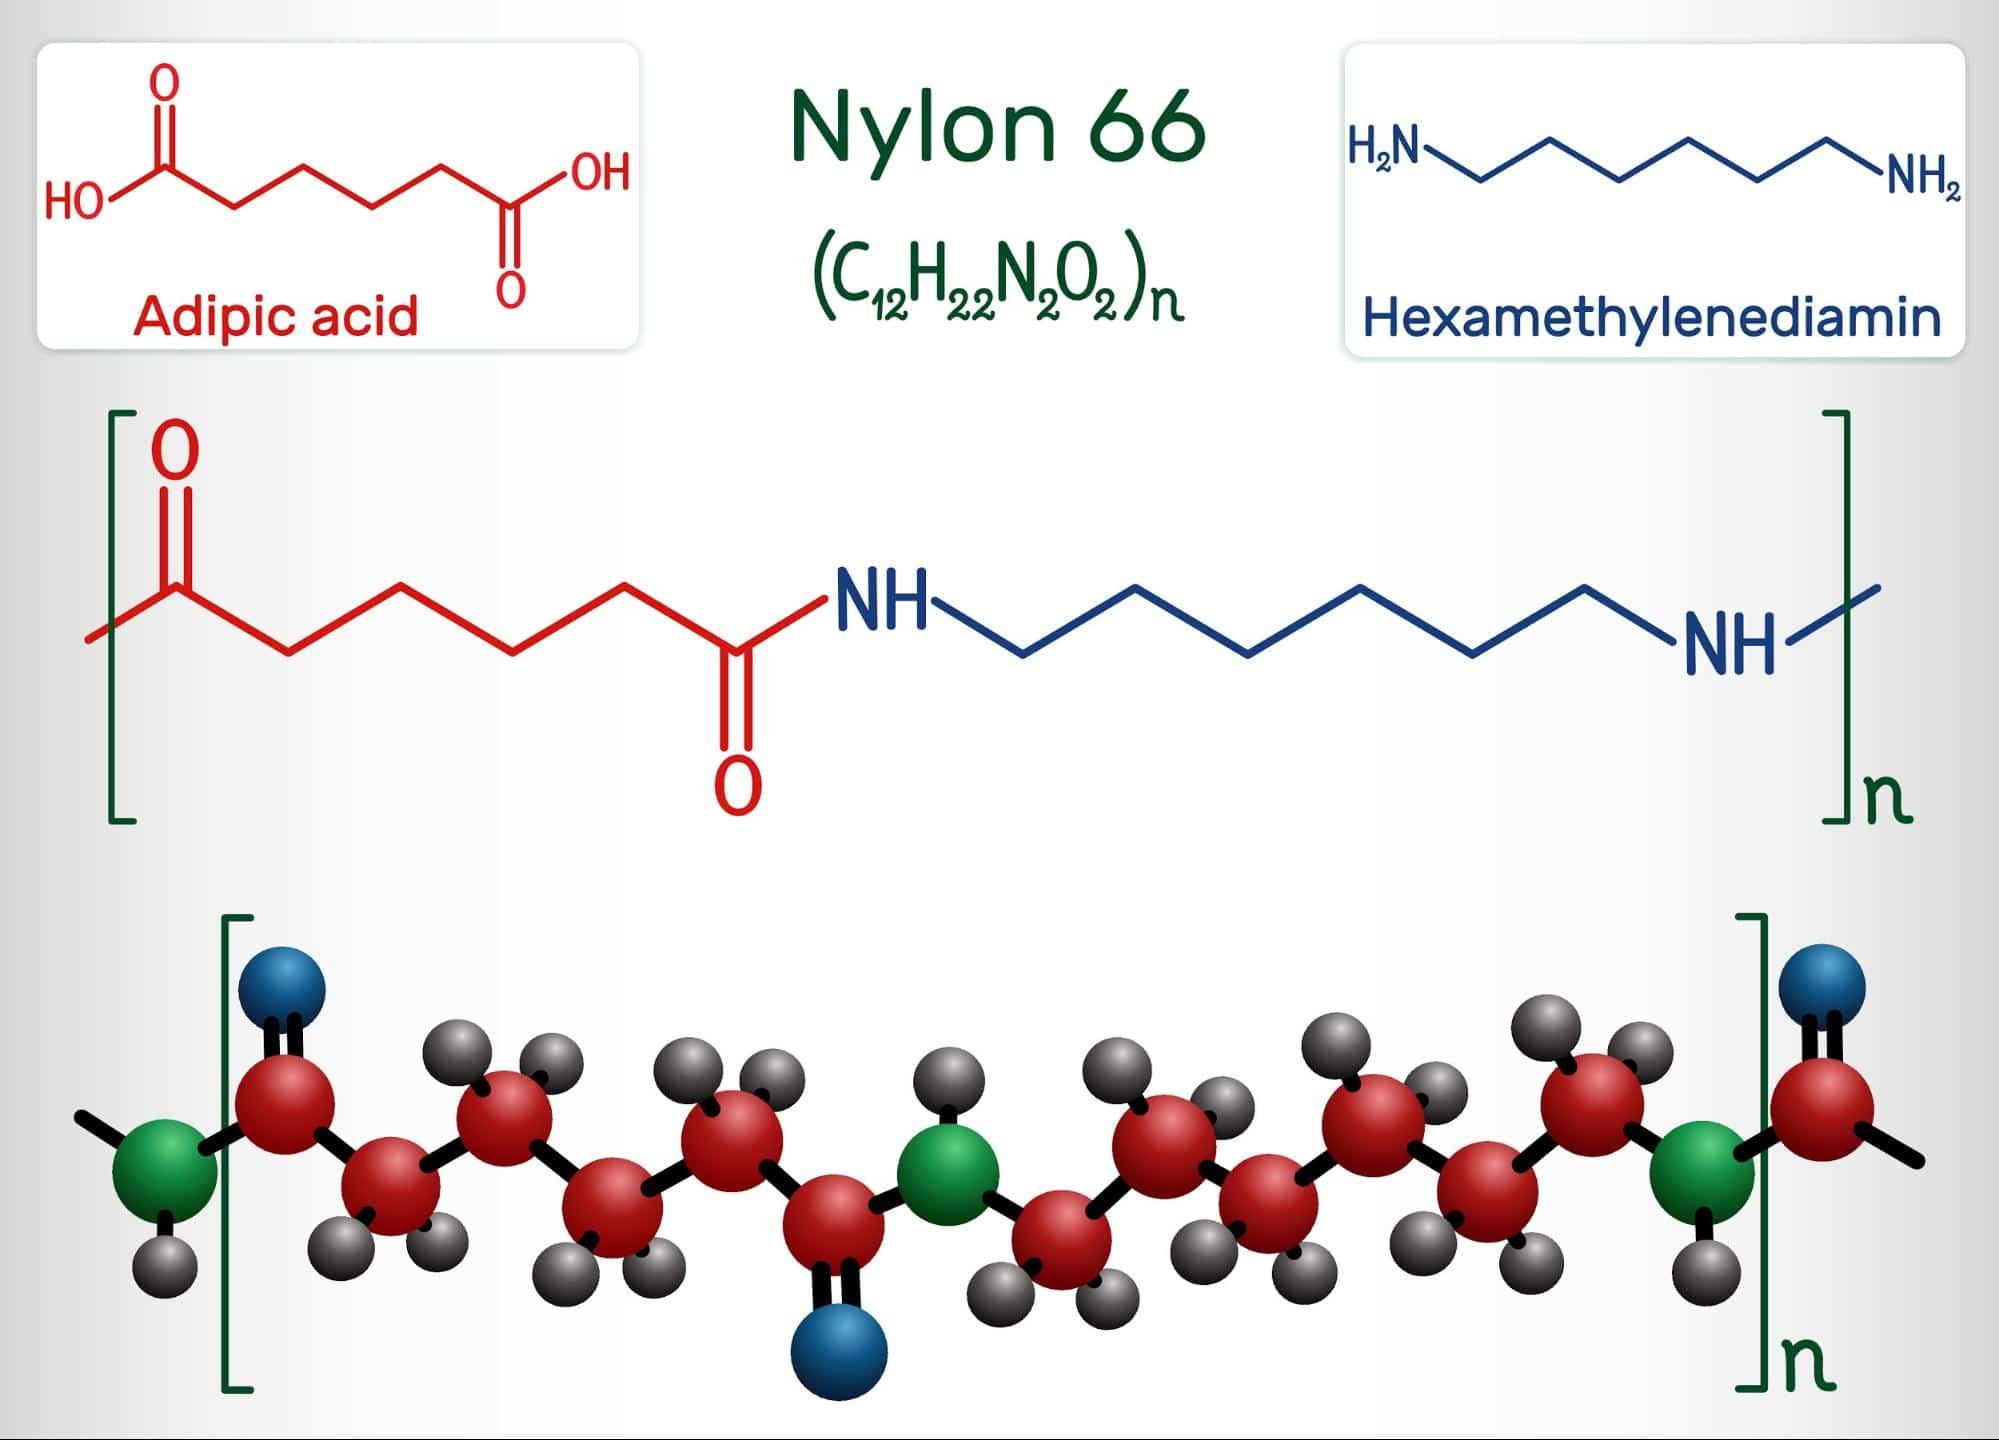 Nylon Variations